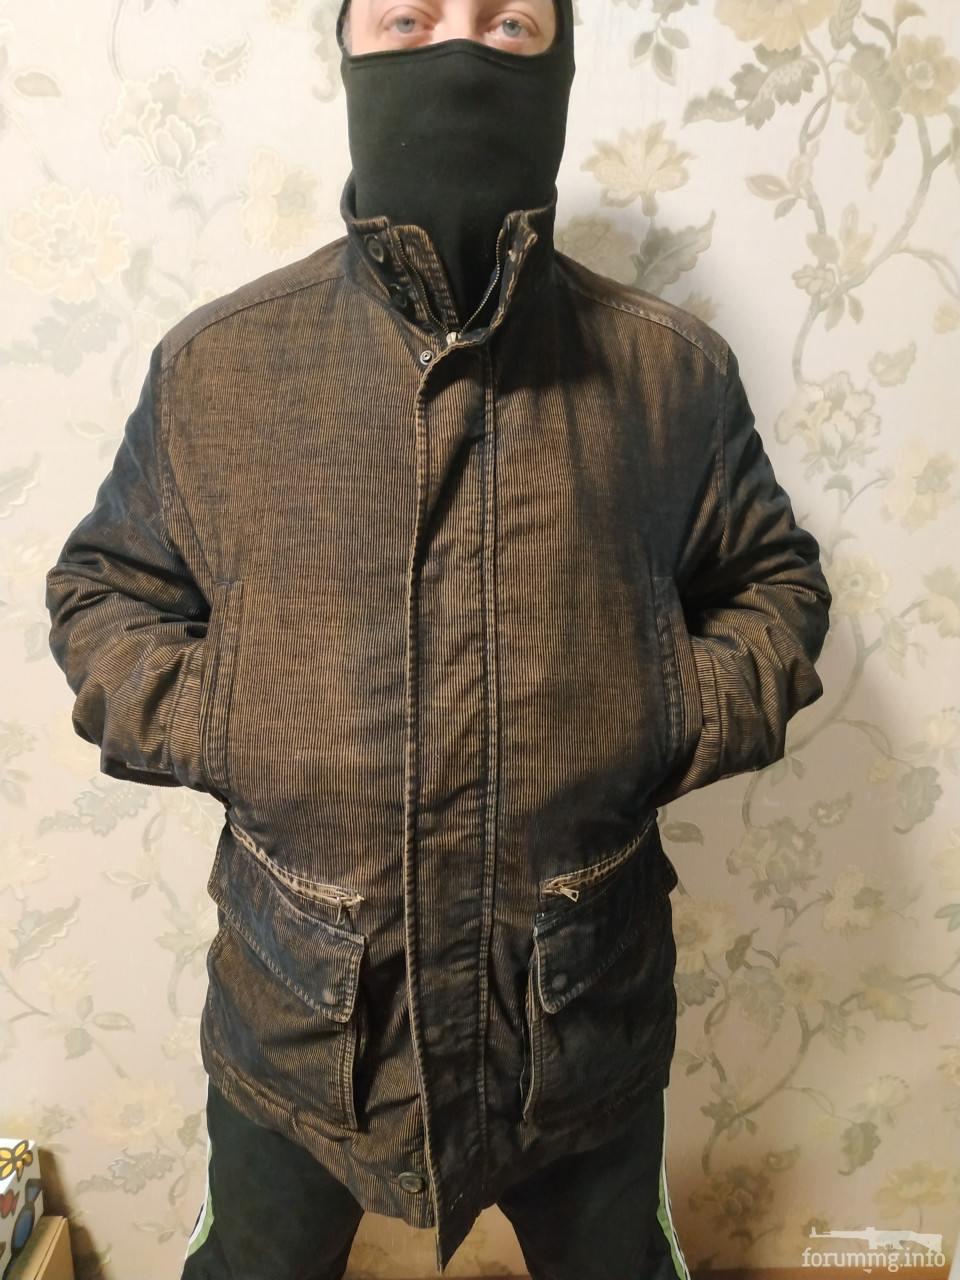 136454 - Тепла трекінгова куртка для прогулянок